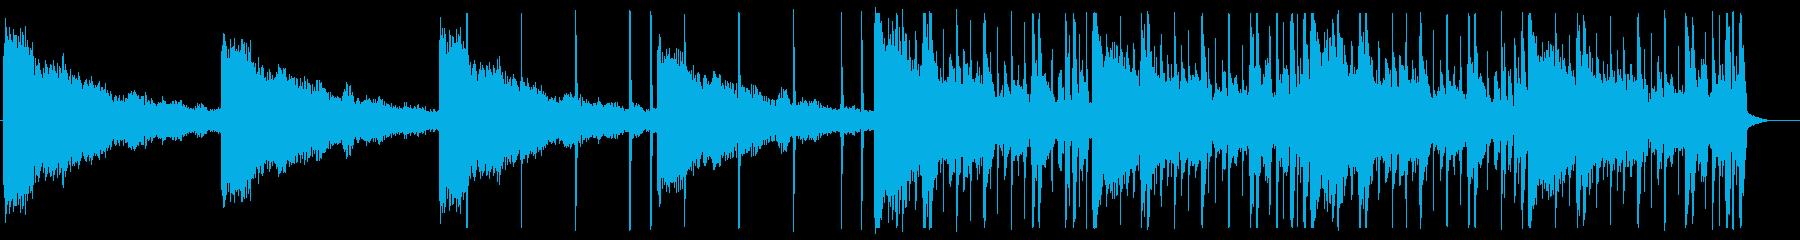 レトロ/夏_No595_2の再生済みの波形